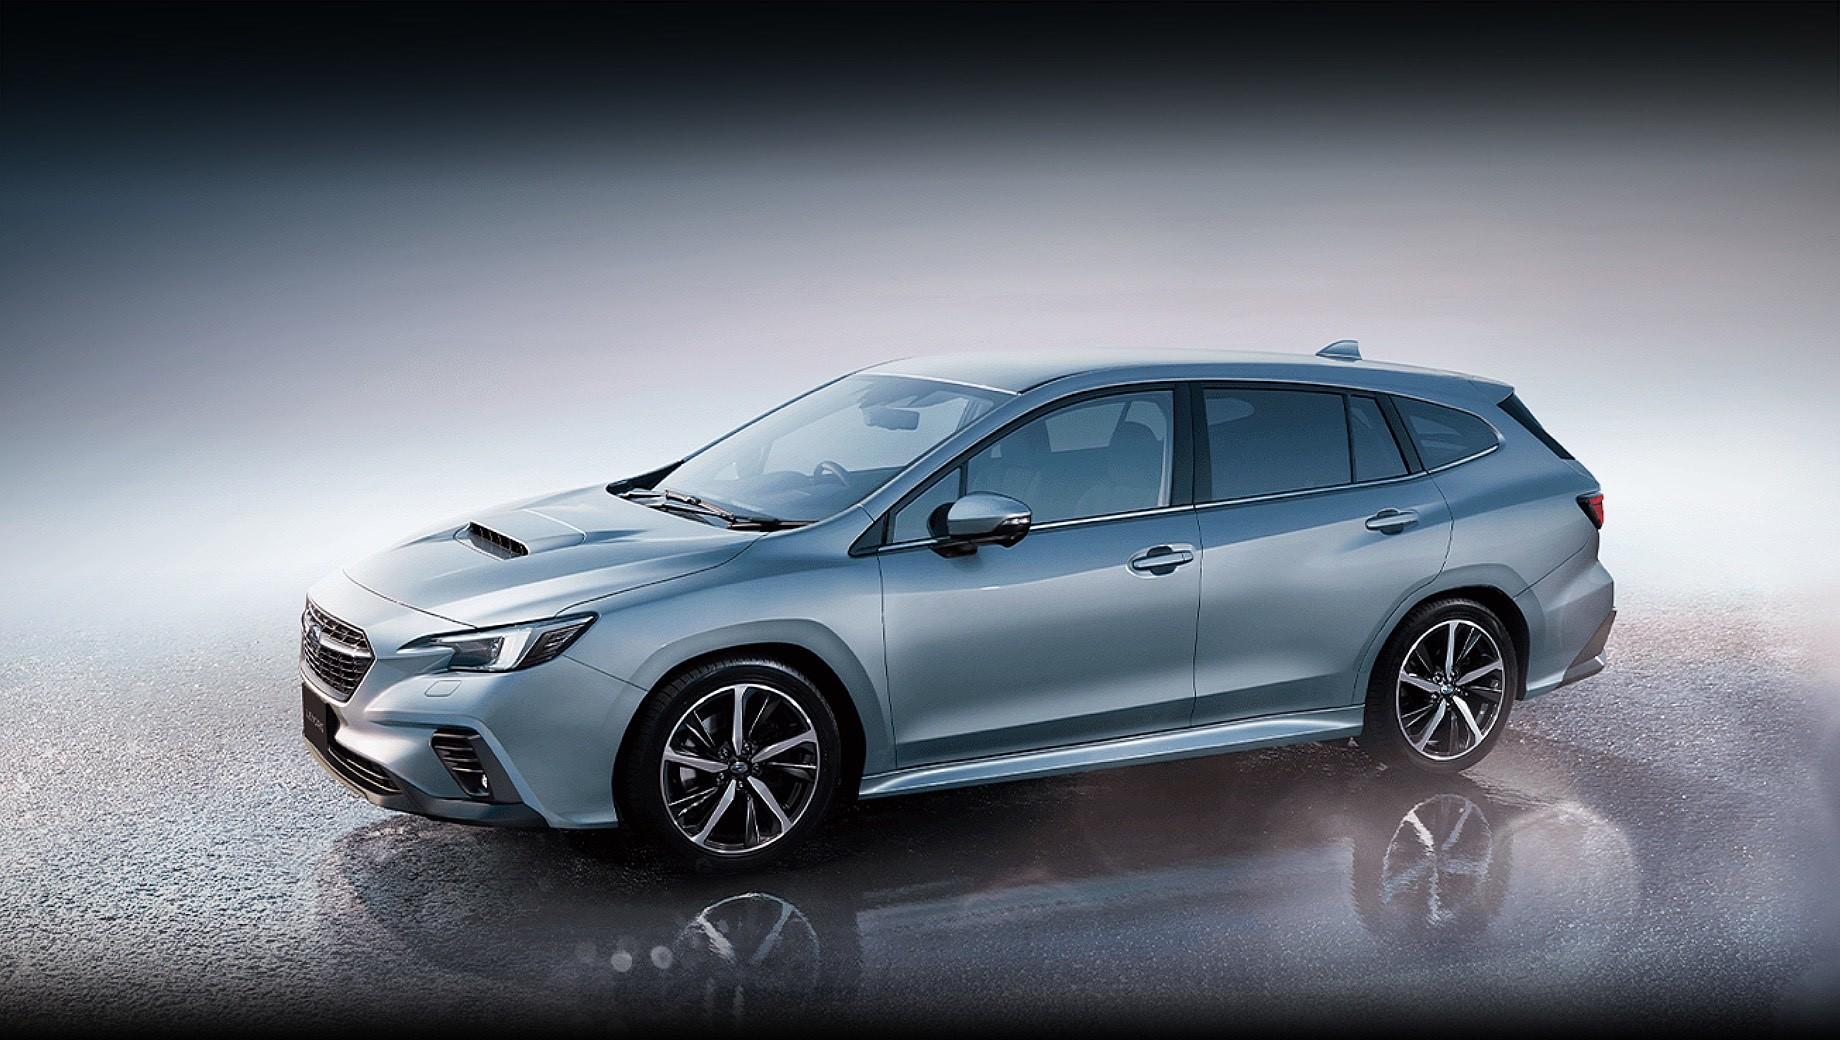 Subaru levorg,Subaru levorg sti sport. Модель Subaru Levorg второй генерации раздобрел по всем фронтам. Прибавка в длину составила 65 мм (4755), а ширина и высота увеличились на 15 мм (до 1795 и 1500 соответственно). Расстояние между осями также стало больше — 2670 вместо 2650 мм. Дорожный просвет универсала — 145 мм.